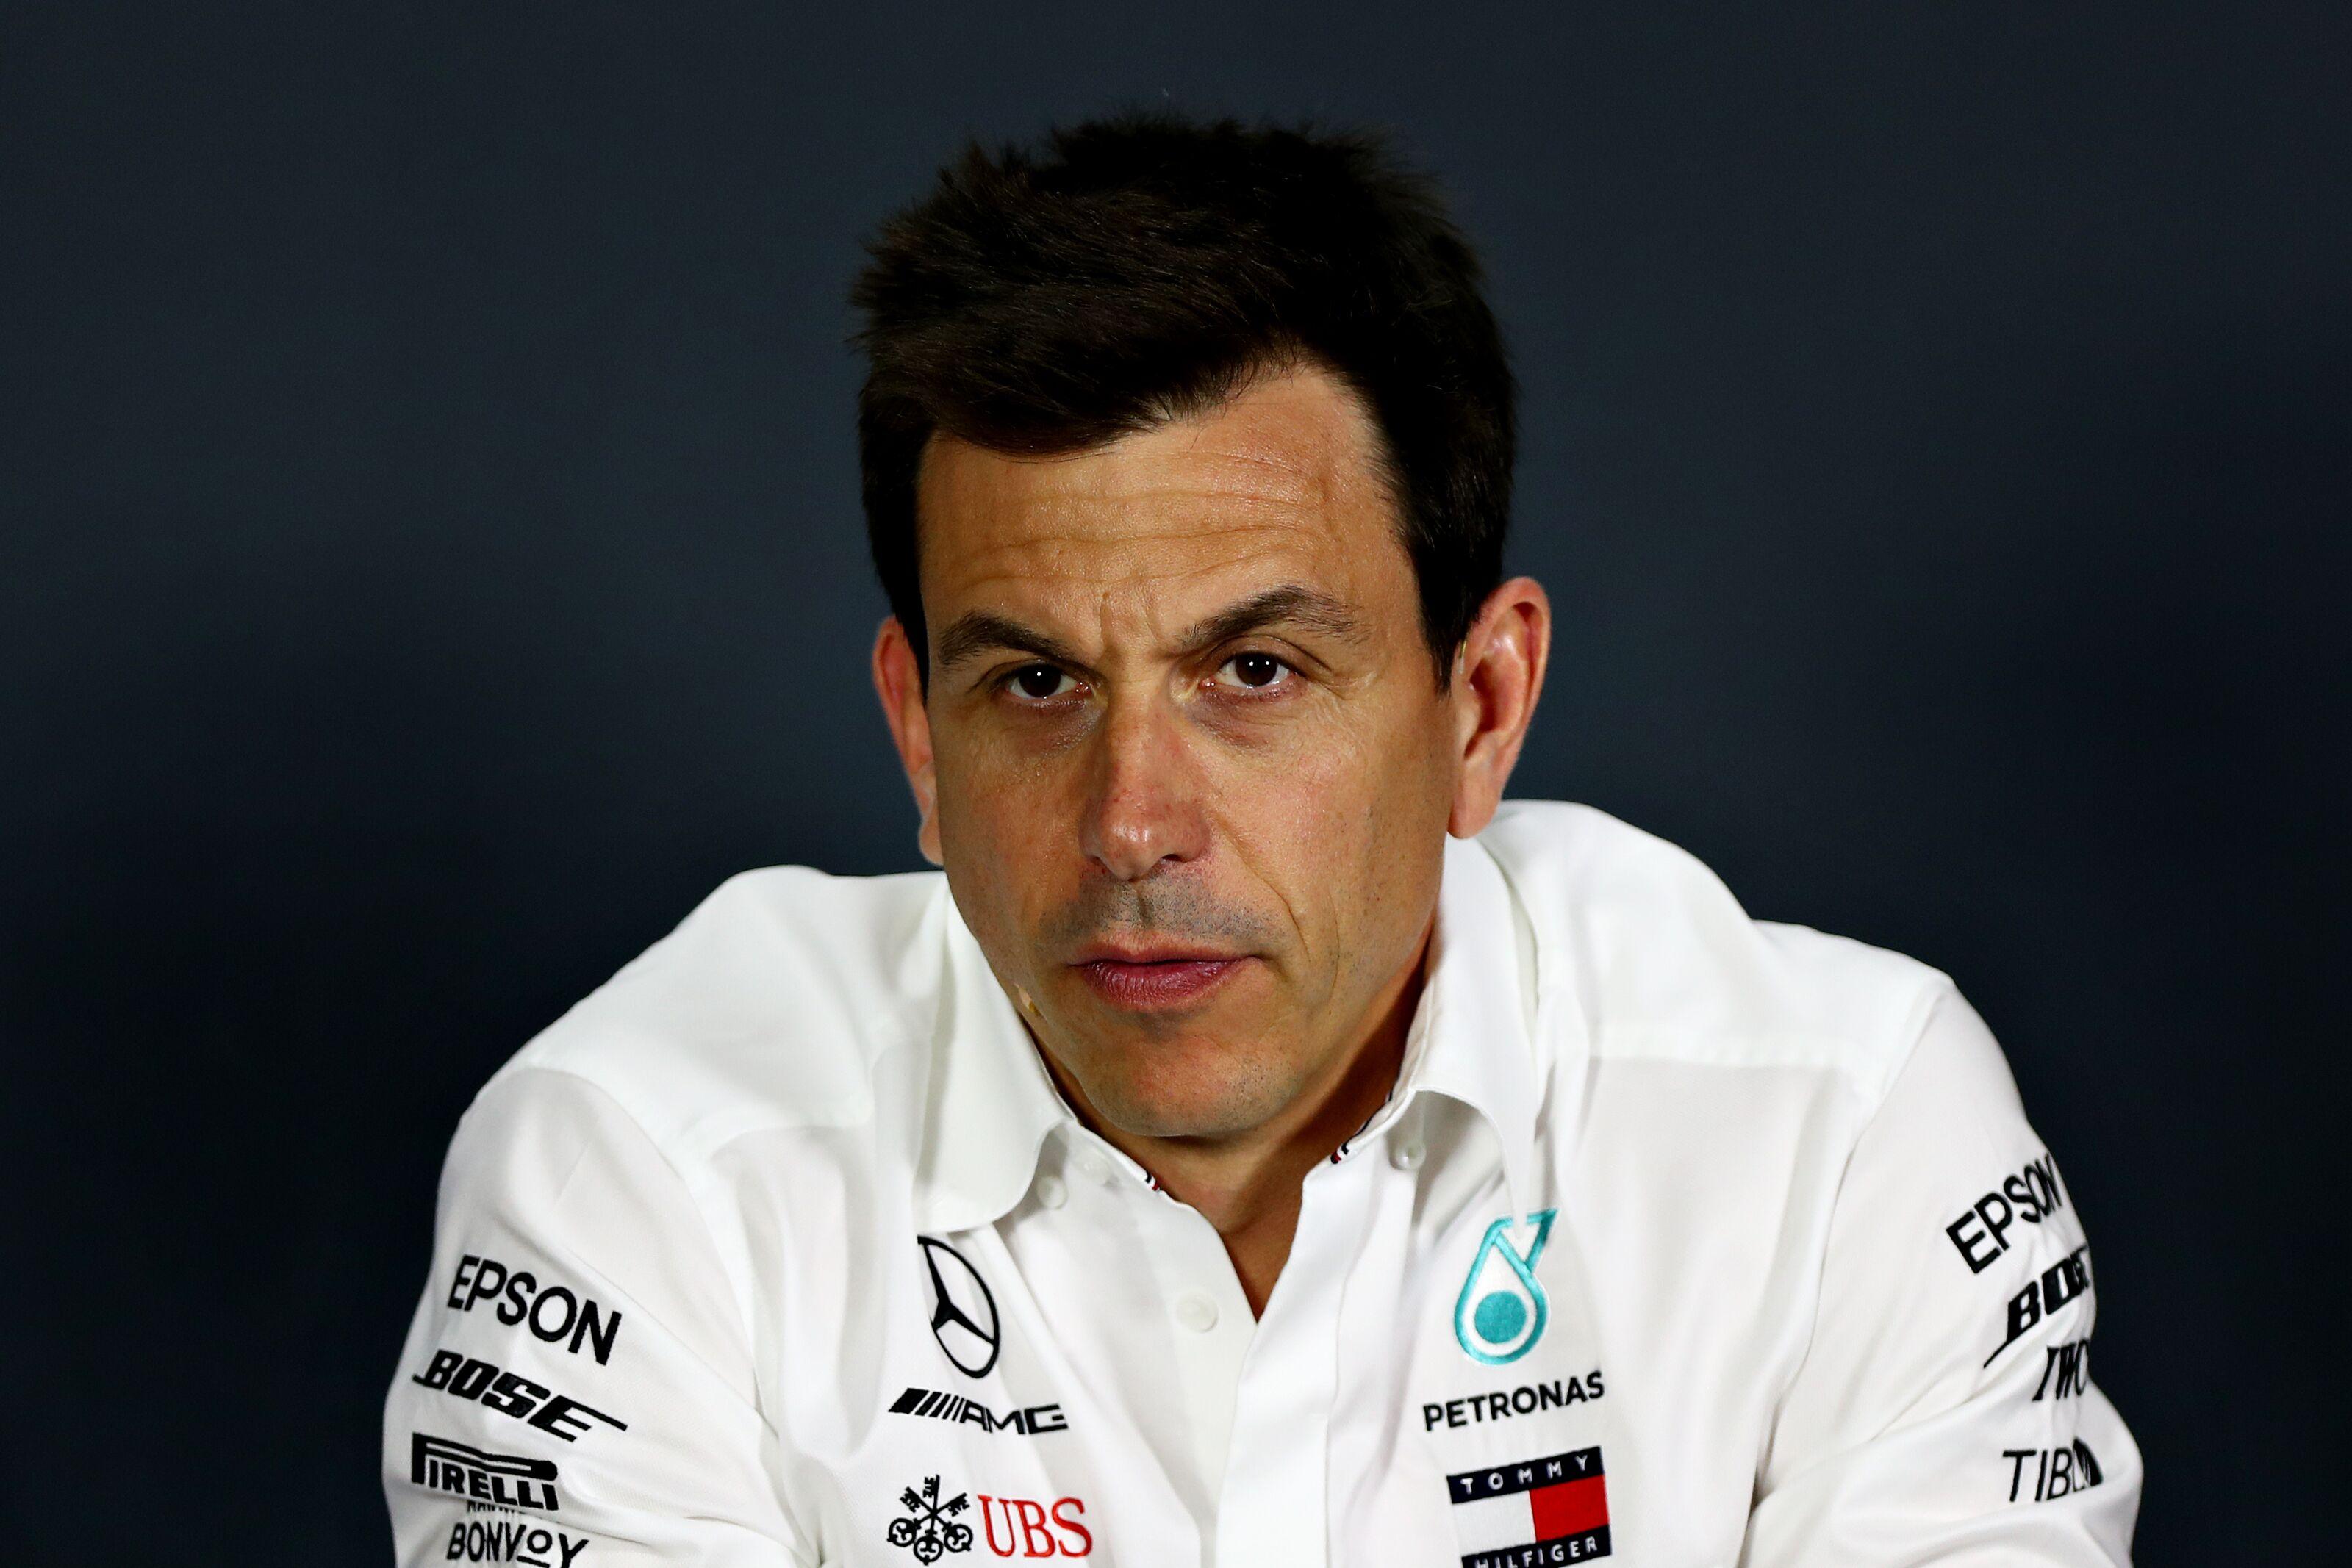 Formula 1: The major roadblock holding up Valtteri Bottas, Esteban Ocon deals